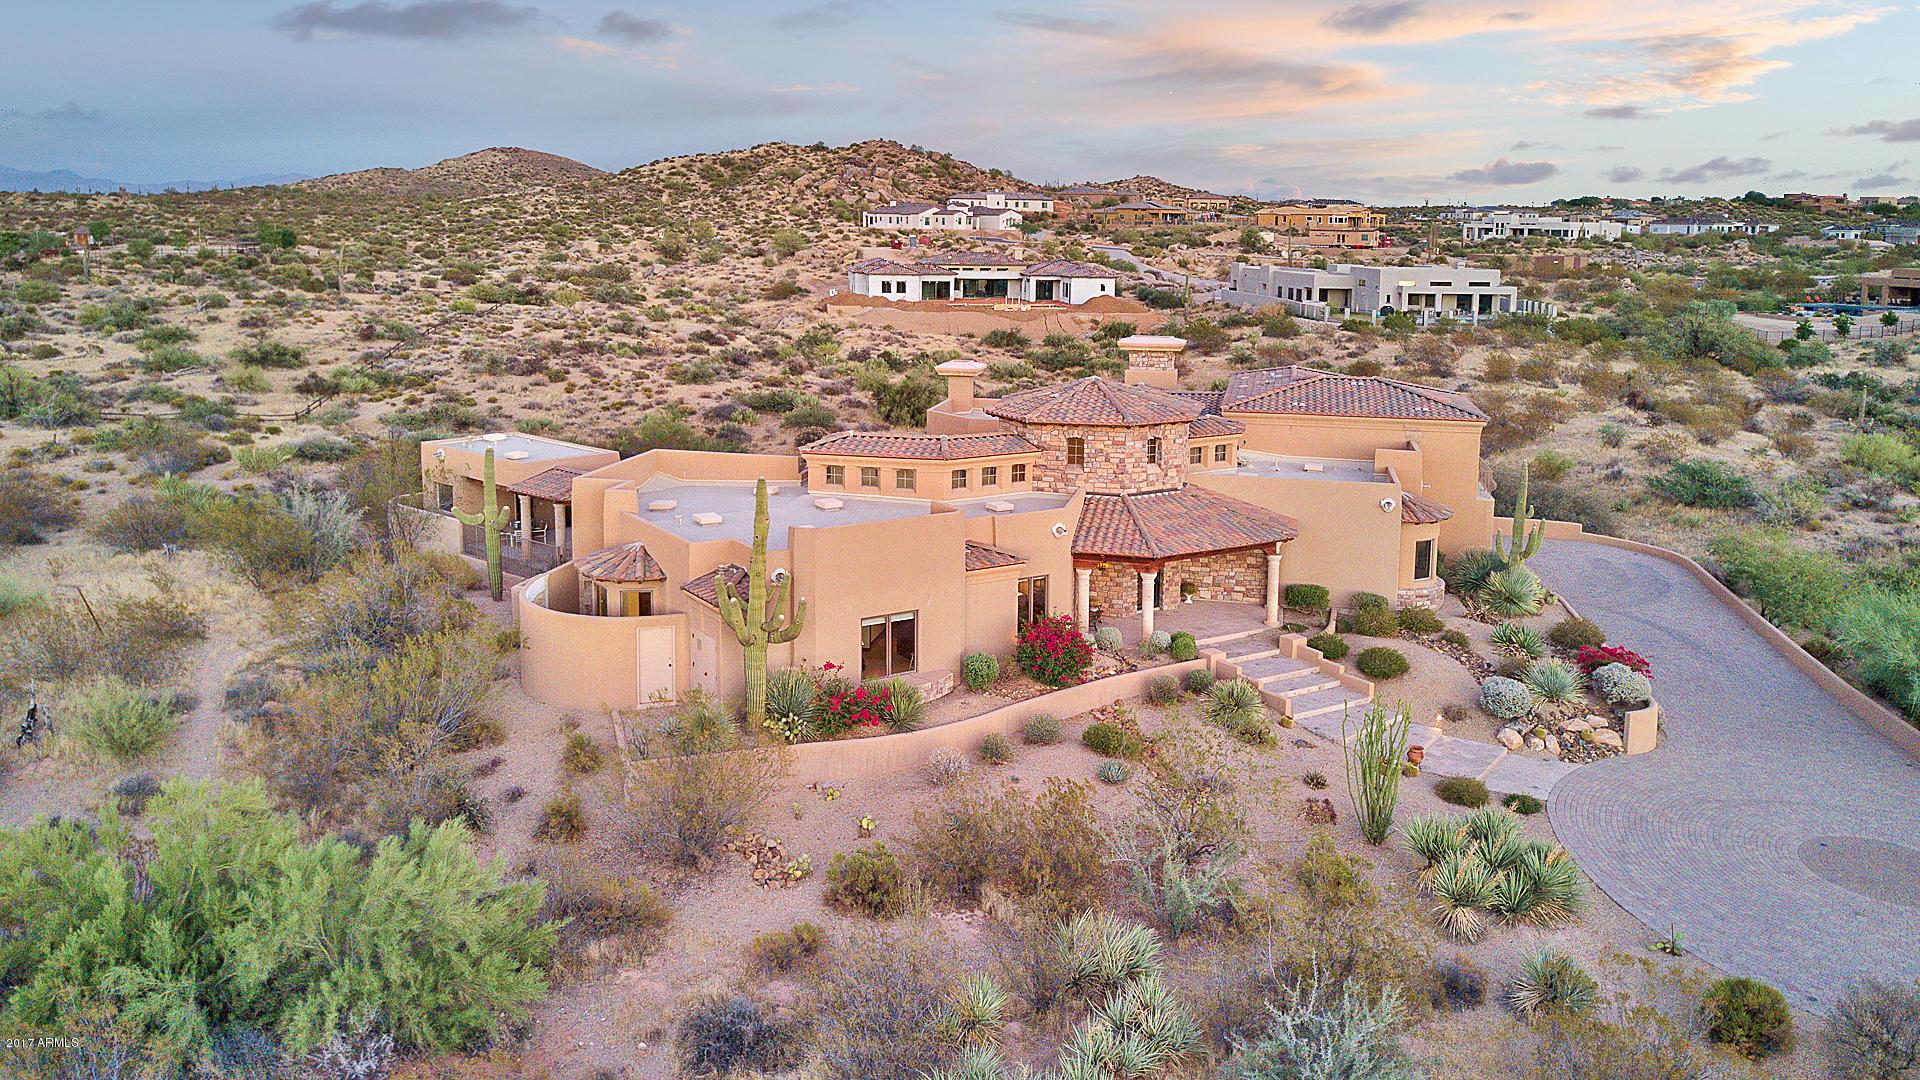 MLS 5676580 27345 N 112TH Place, Scottsdale, AZ 85262 Scottsdale AZ Desert Summit